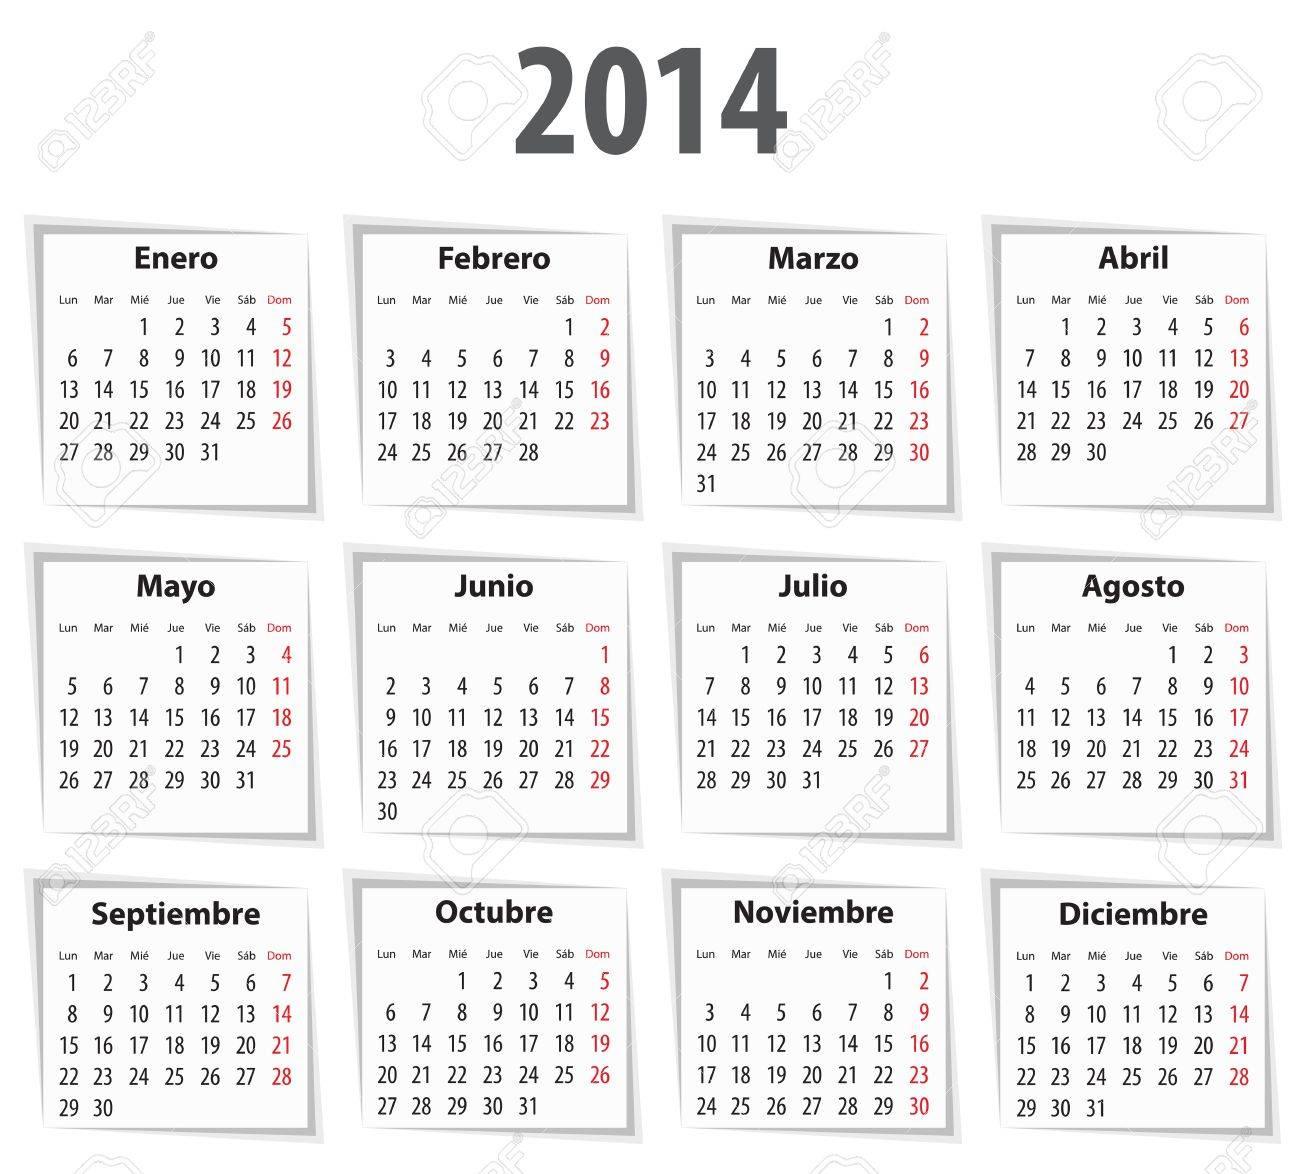 Calendario Spagnolo.Calendario Spagnolo Per Il 2014 Con Le Ombre Lunedi Primo Vector Illustration